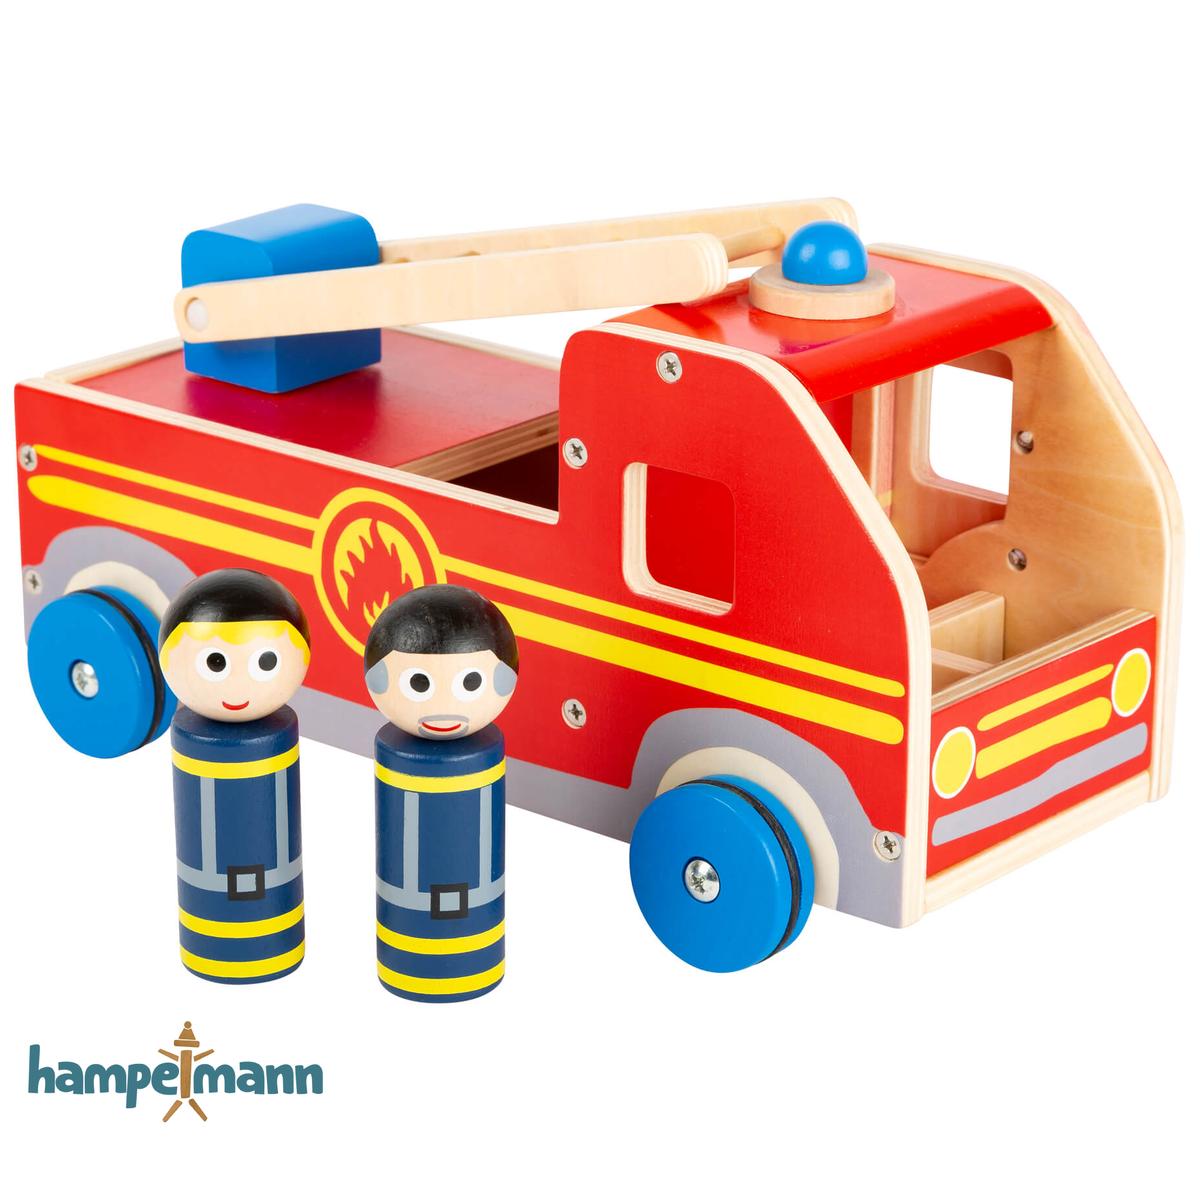 Spielauto Feuerwehr Vom Hampelmann Shop In 2020 Feuerwehrauto Autos Aufbewahrung Kinderzimmer